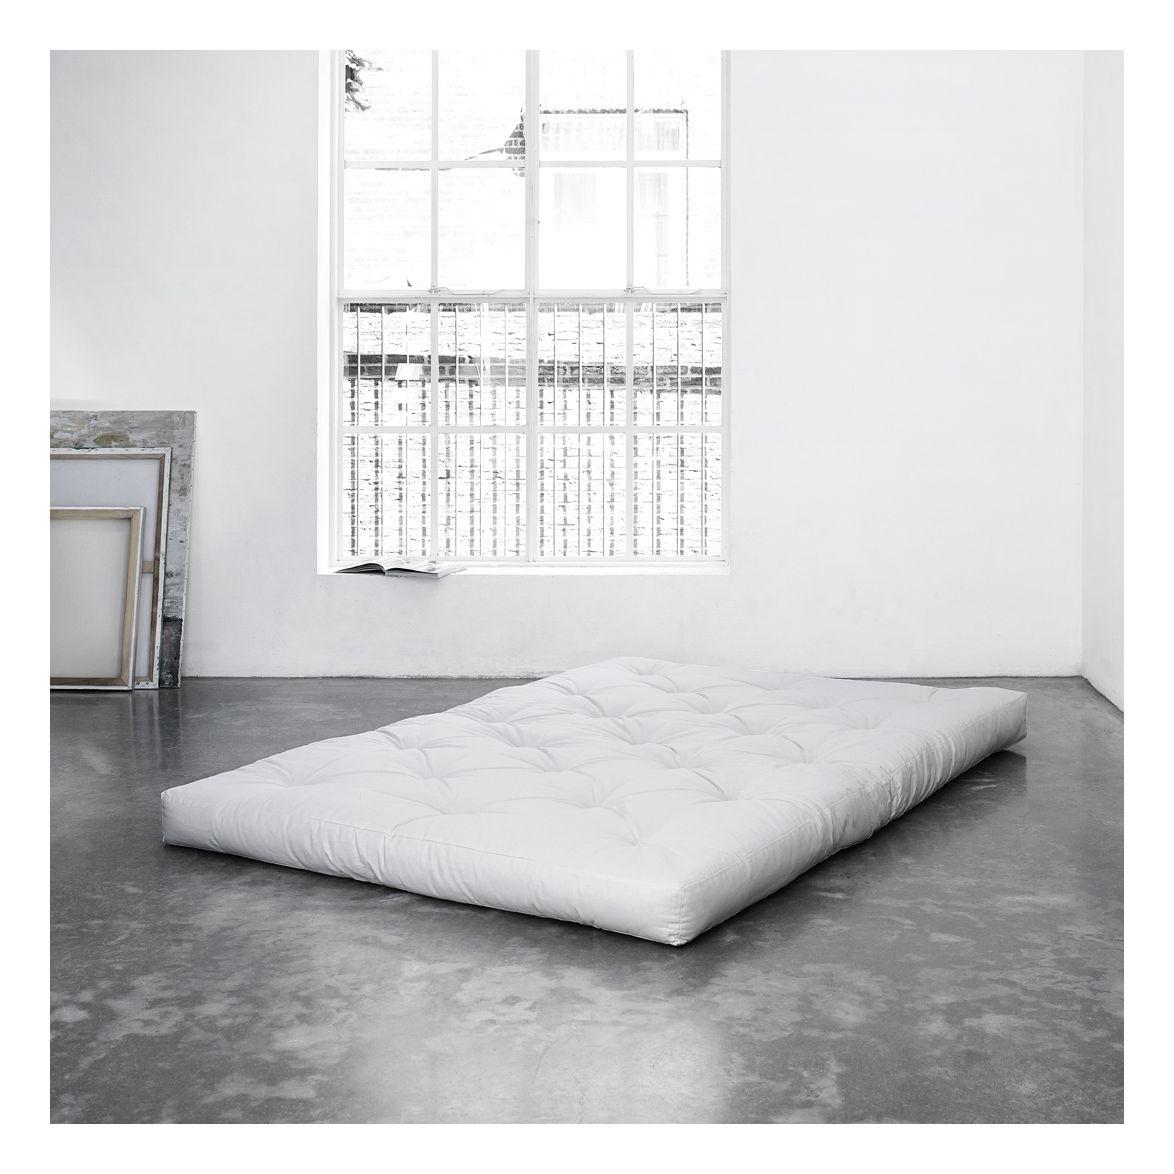 Comfort madras 140x200, Natur - Hvit futon madrass